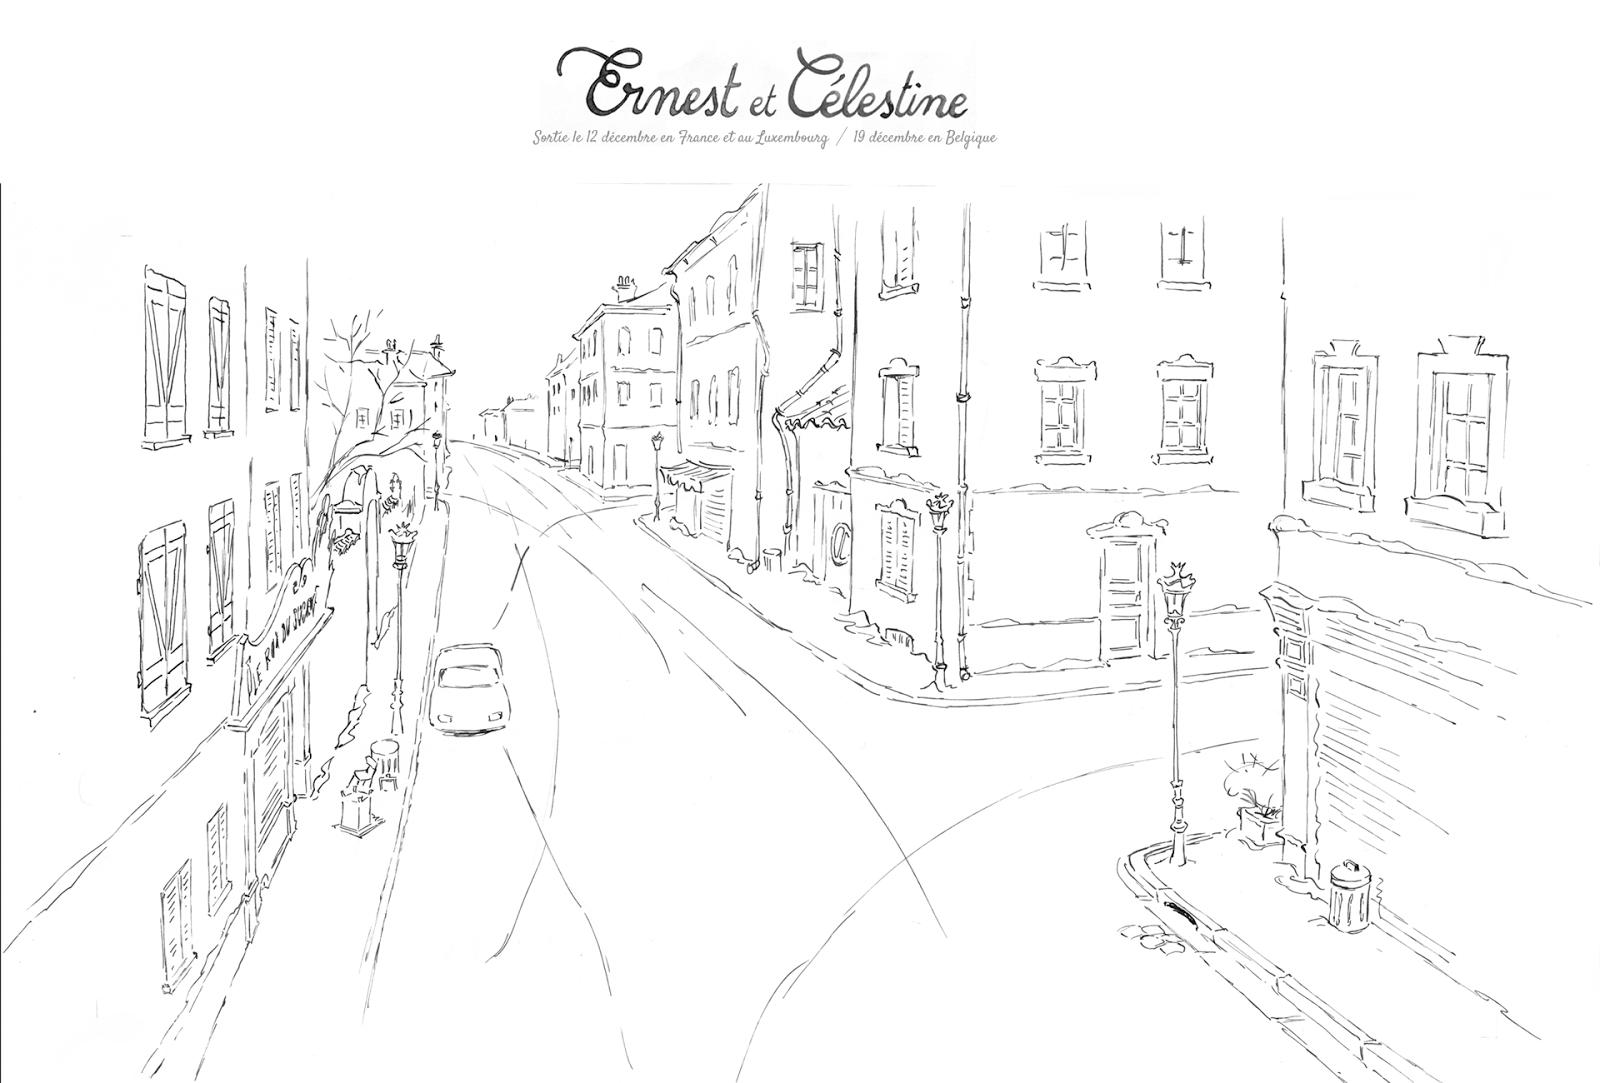 Ernest et celestine layout decors background - Ernest et celestine coloriage ...